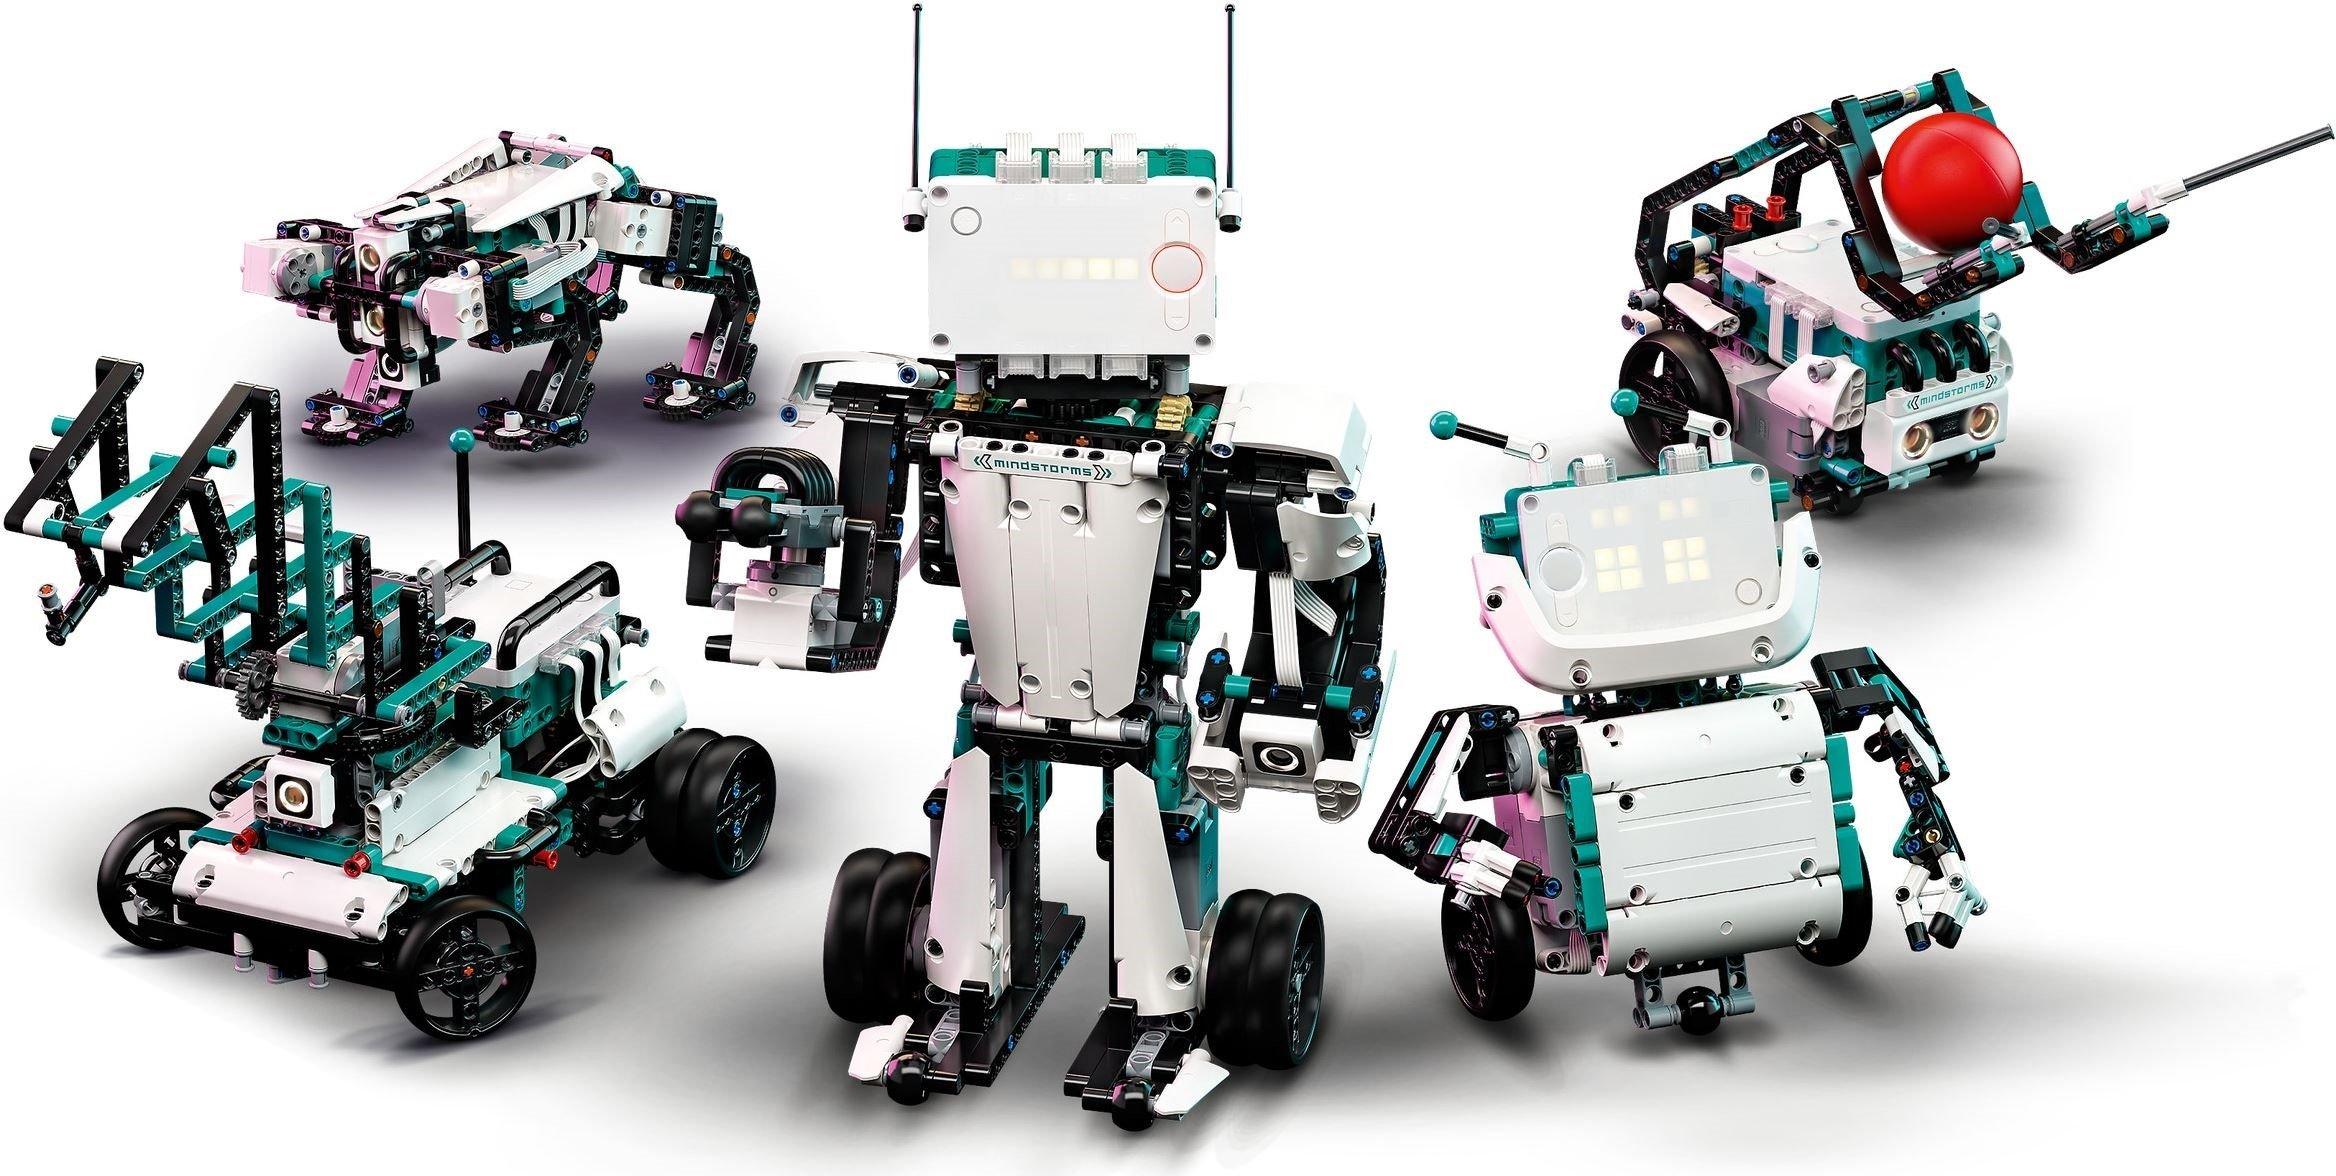 LEGO Mindstorms - Robot Inventor (51515)